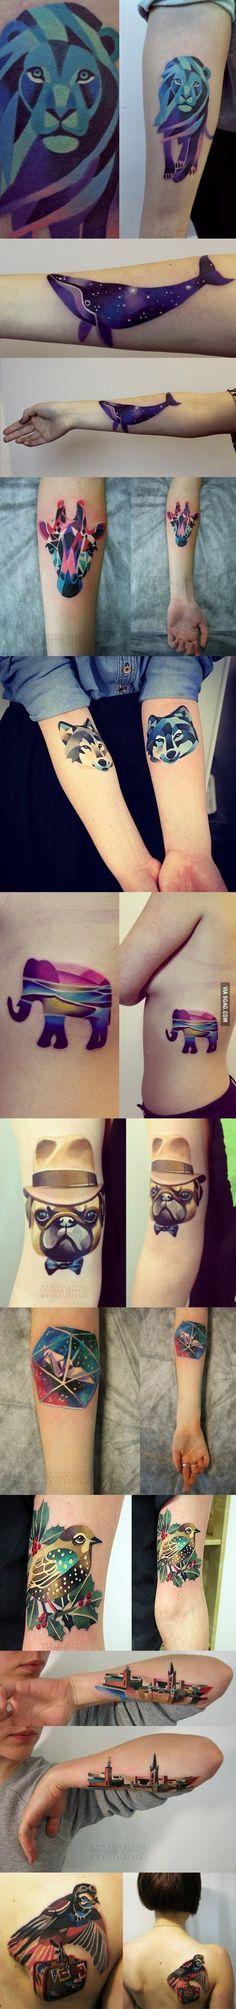 beautiful animals by sasha unisex // con esto me dan ganas de hacerme un tatuaje